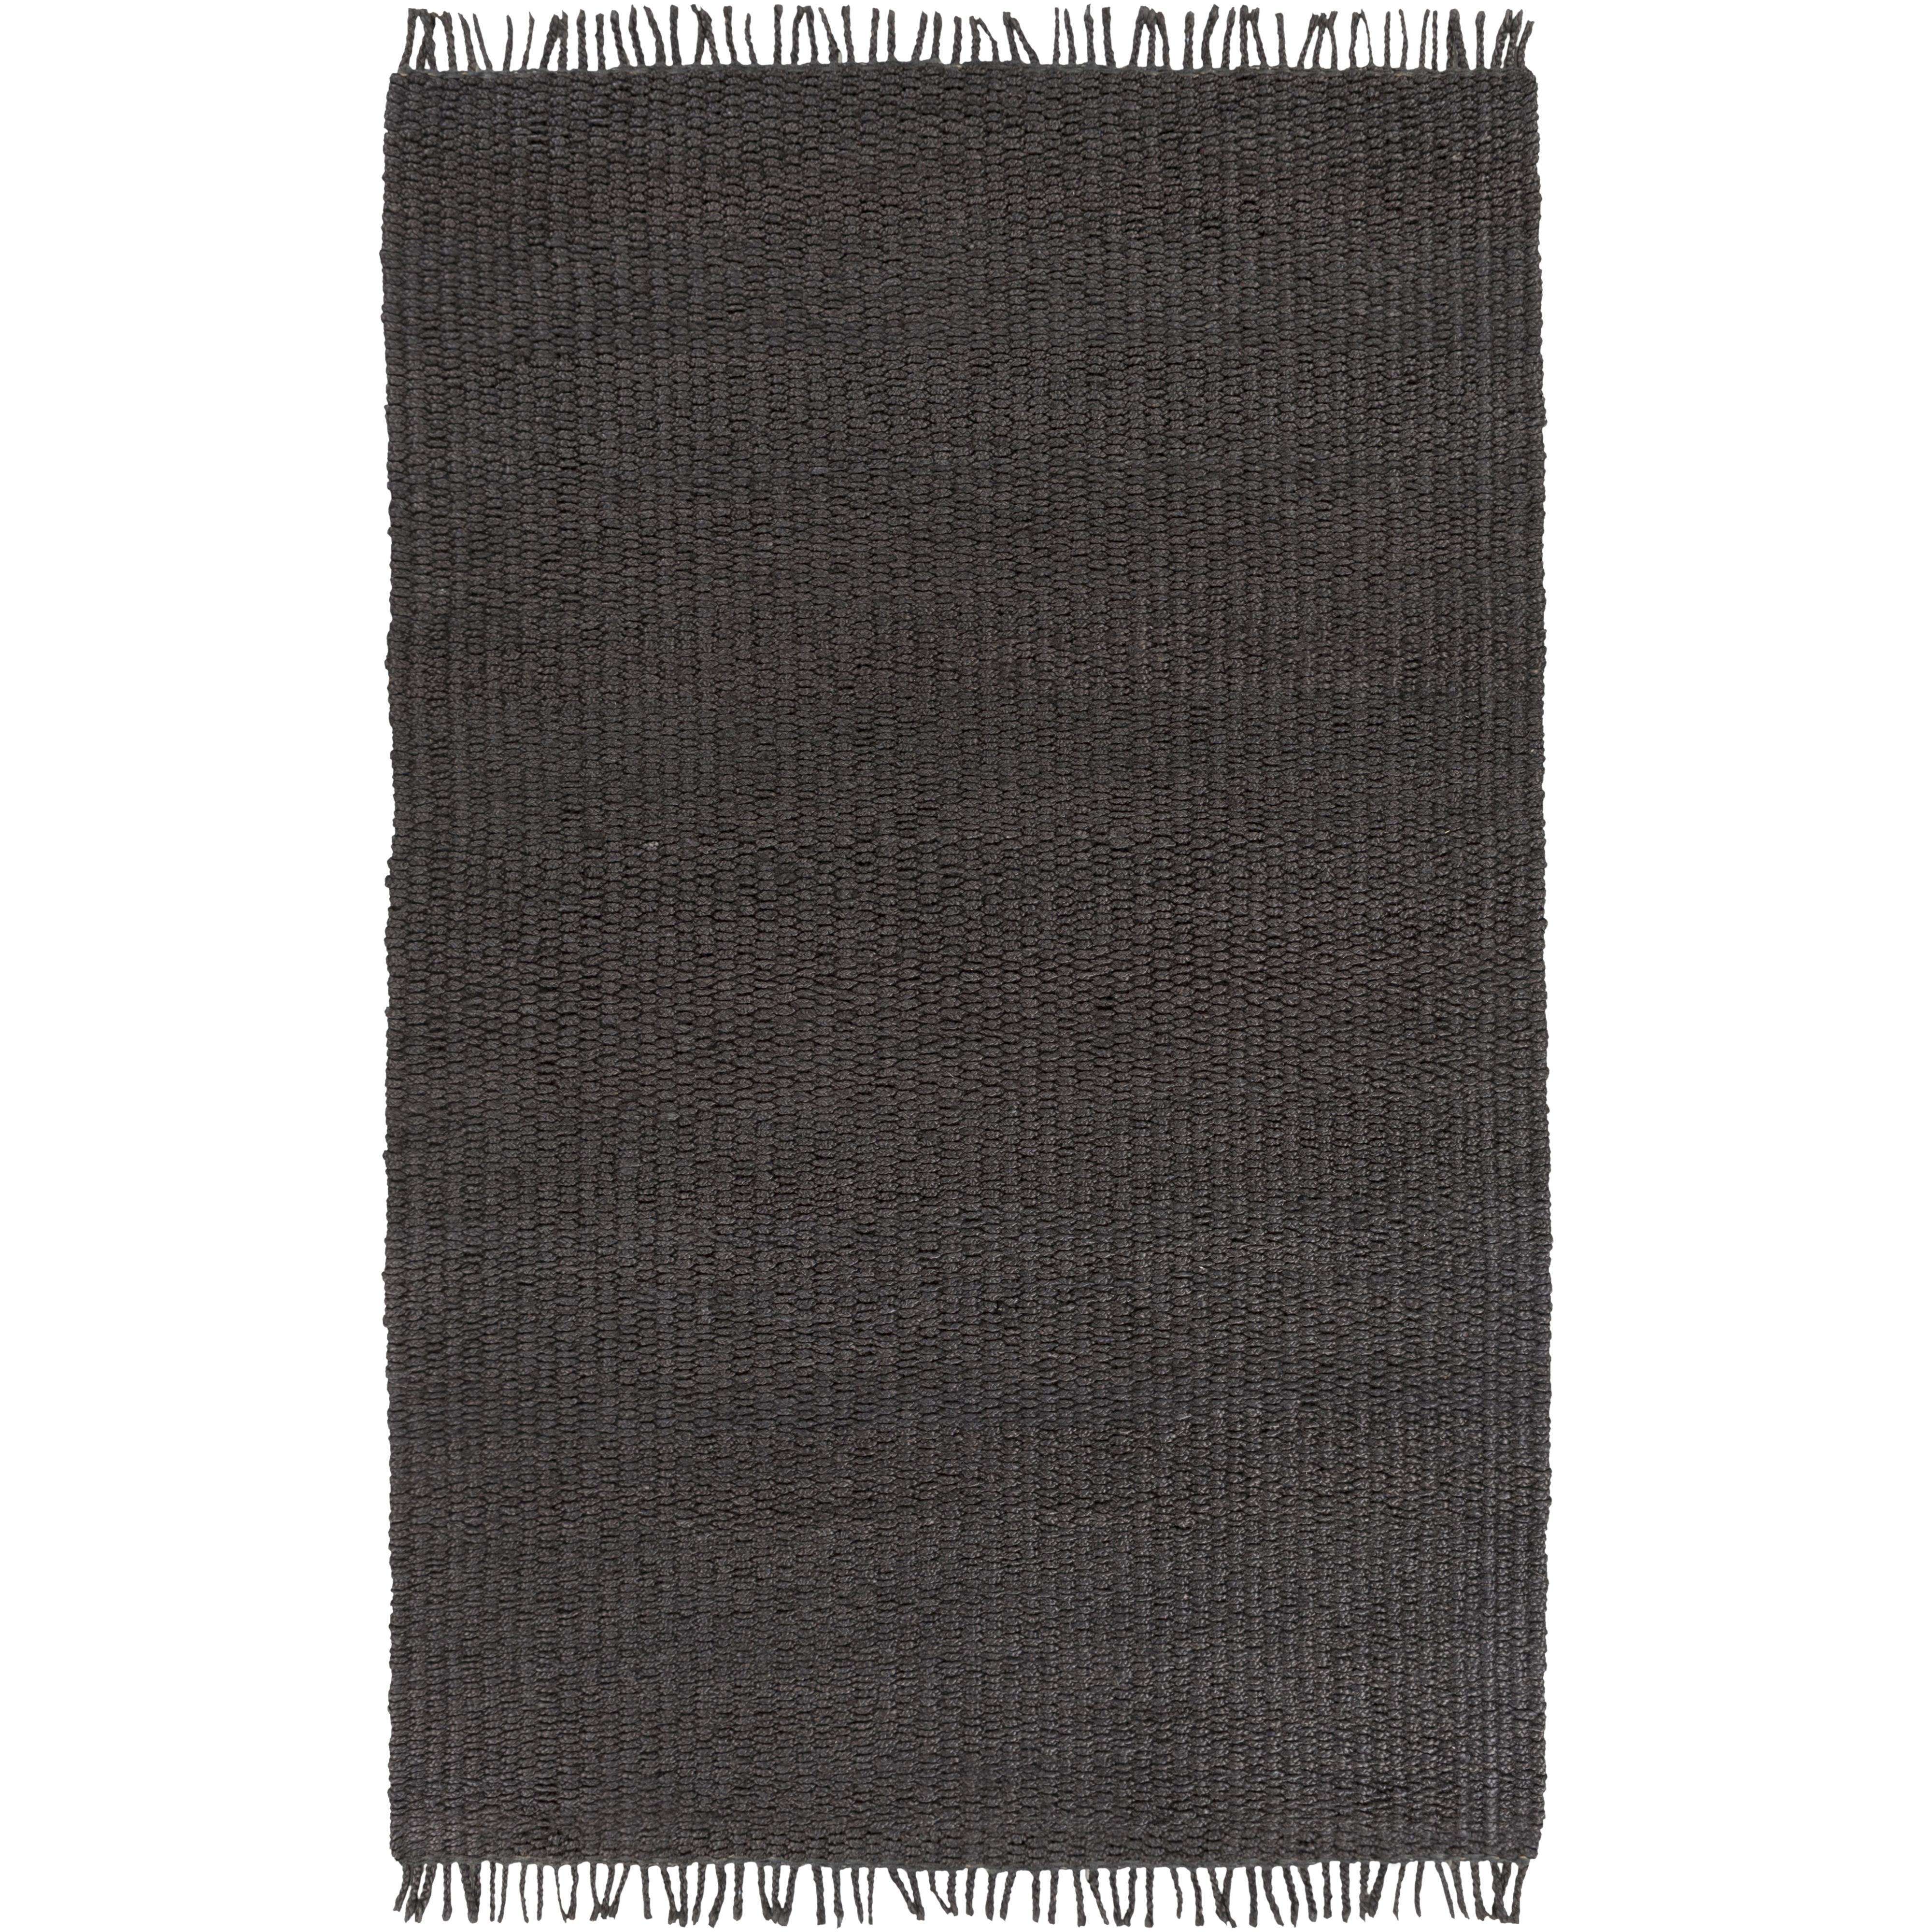 Surya Rugs Maui 5' x 8' - Item Number: MAU3004-58